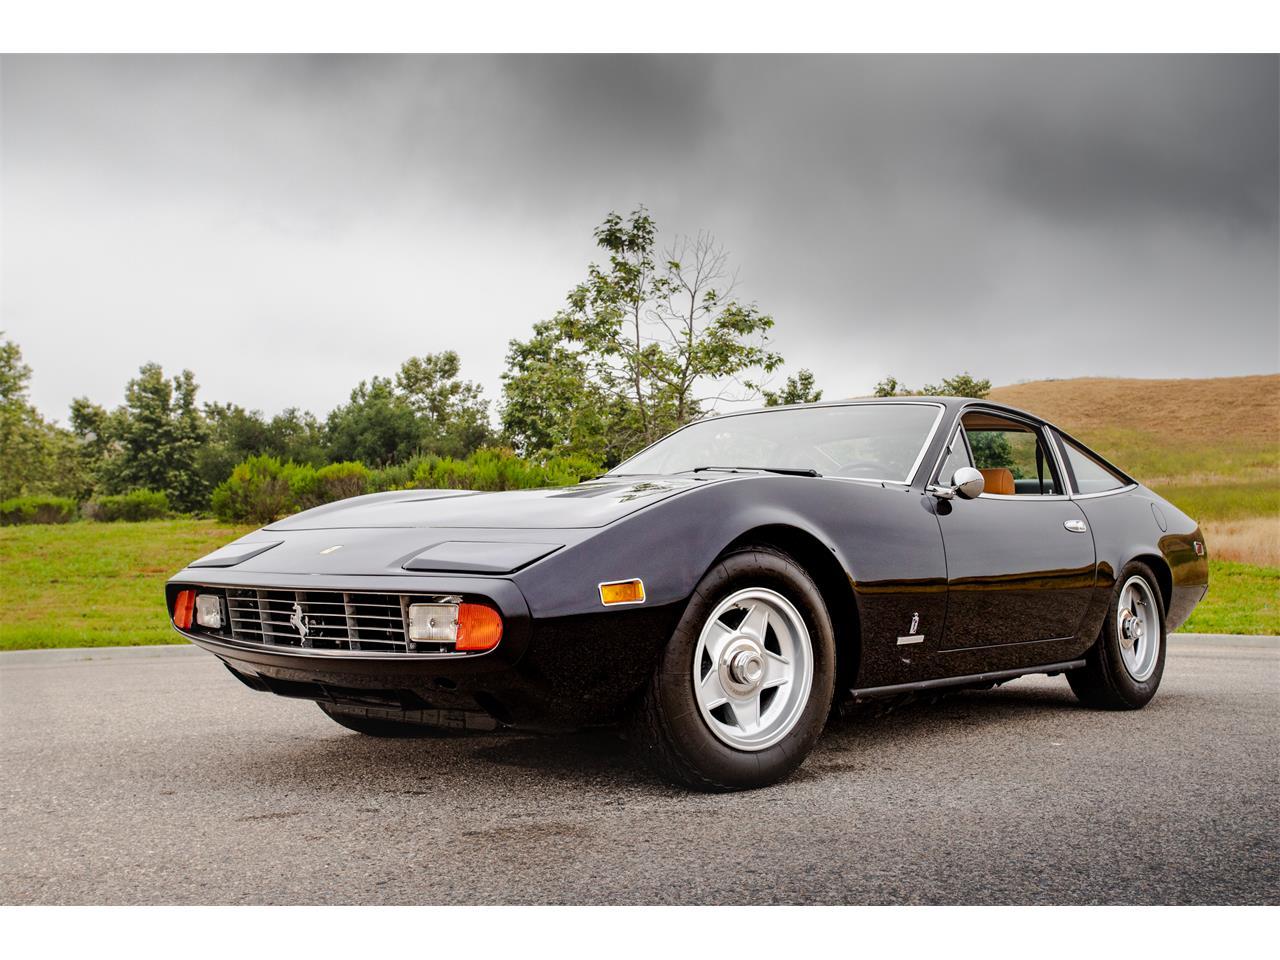 Large Picture of '72 Ferrari 365 GT4 - $247,500.00 - Q5SJ